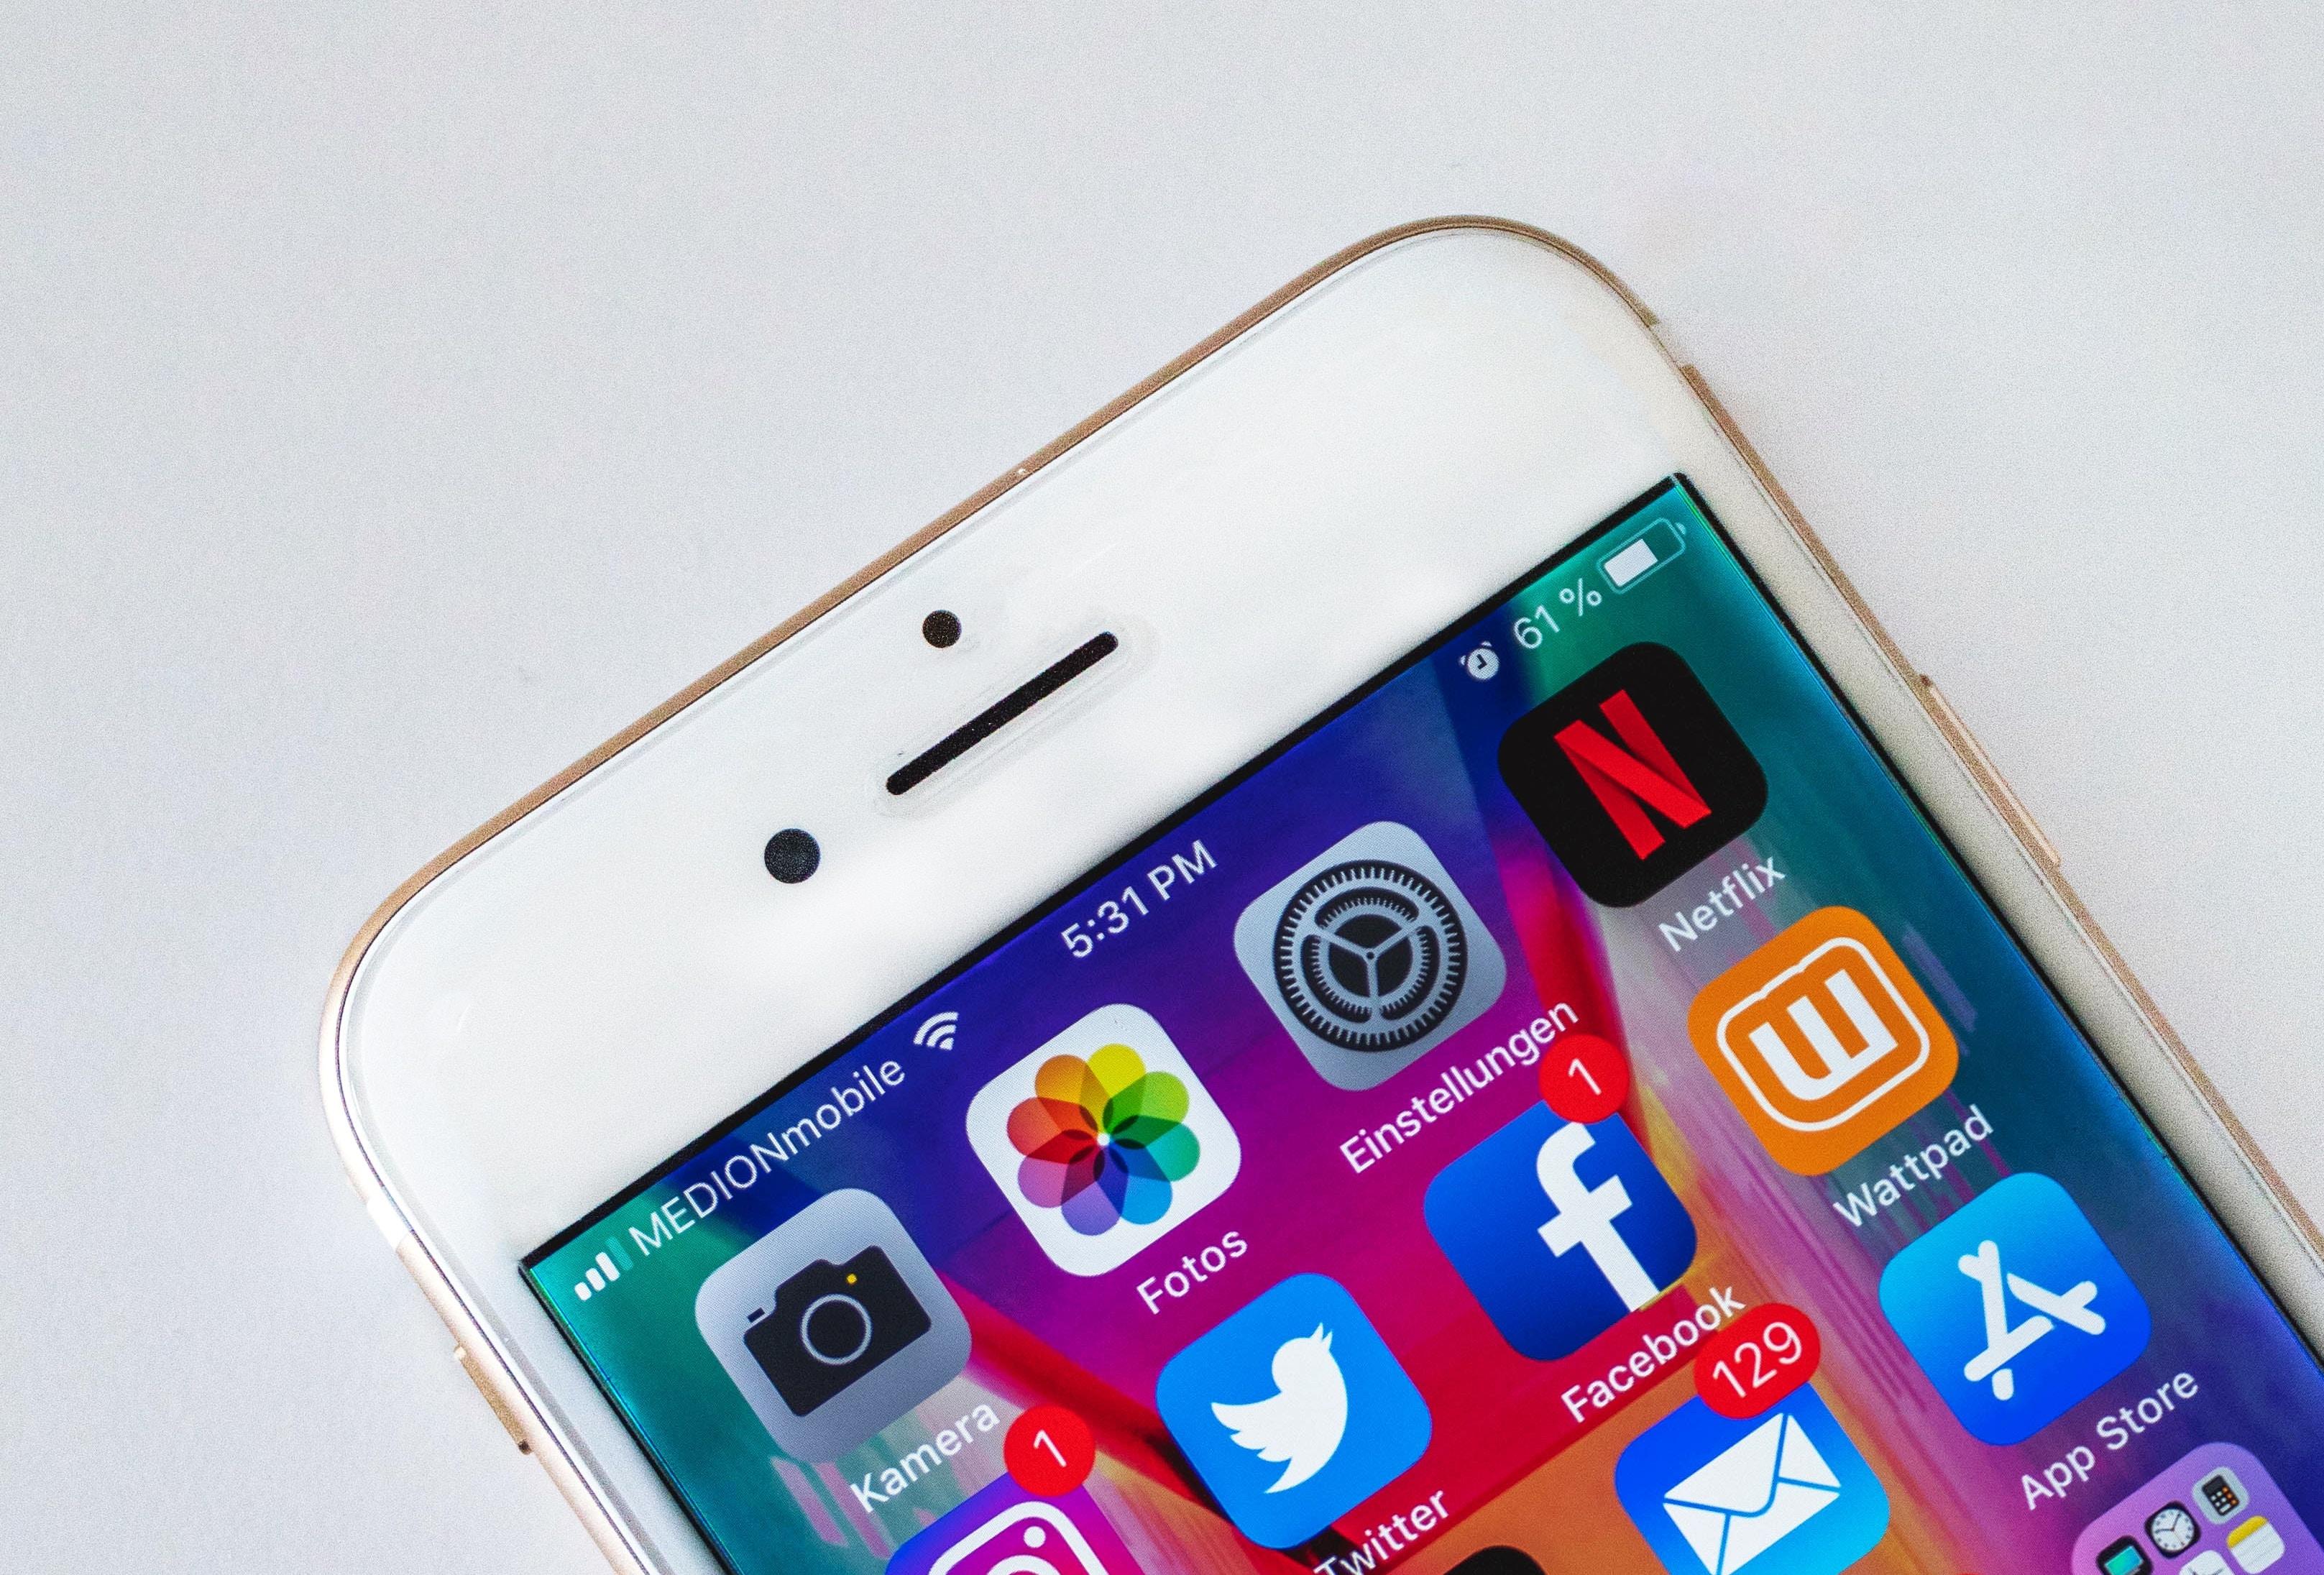 L'émission d'ondes des smartphone fait débat aux États-Unis 1